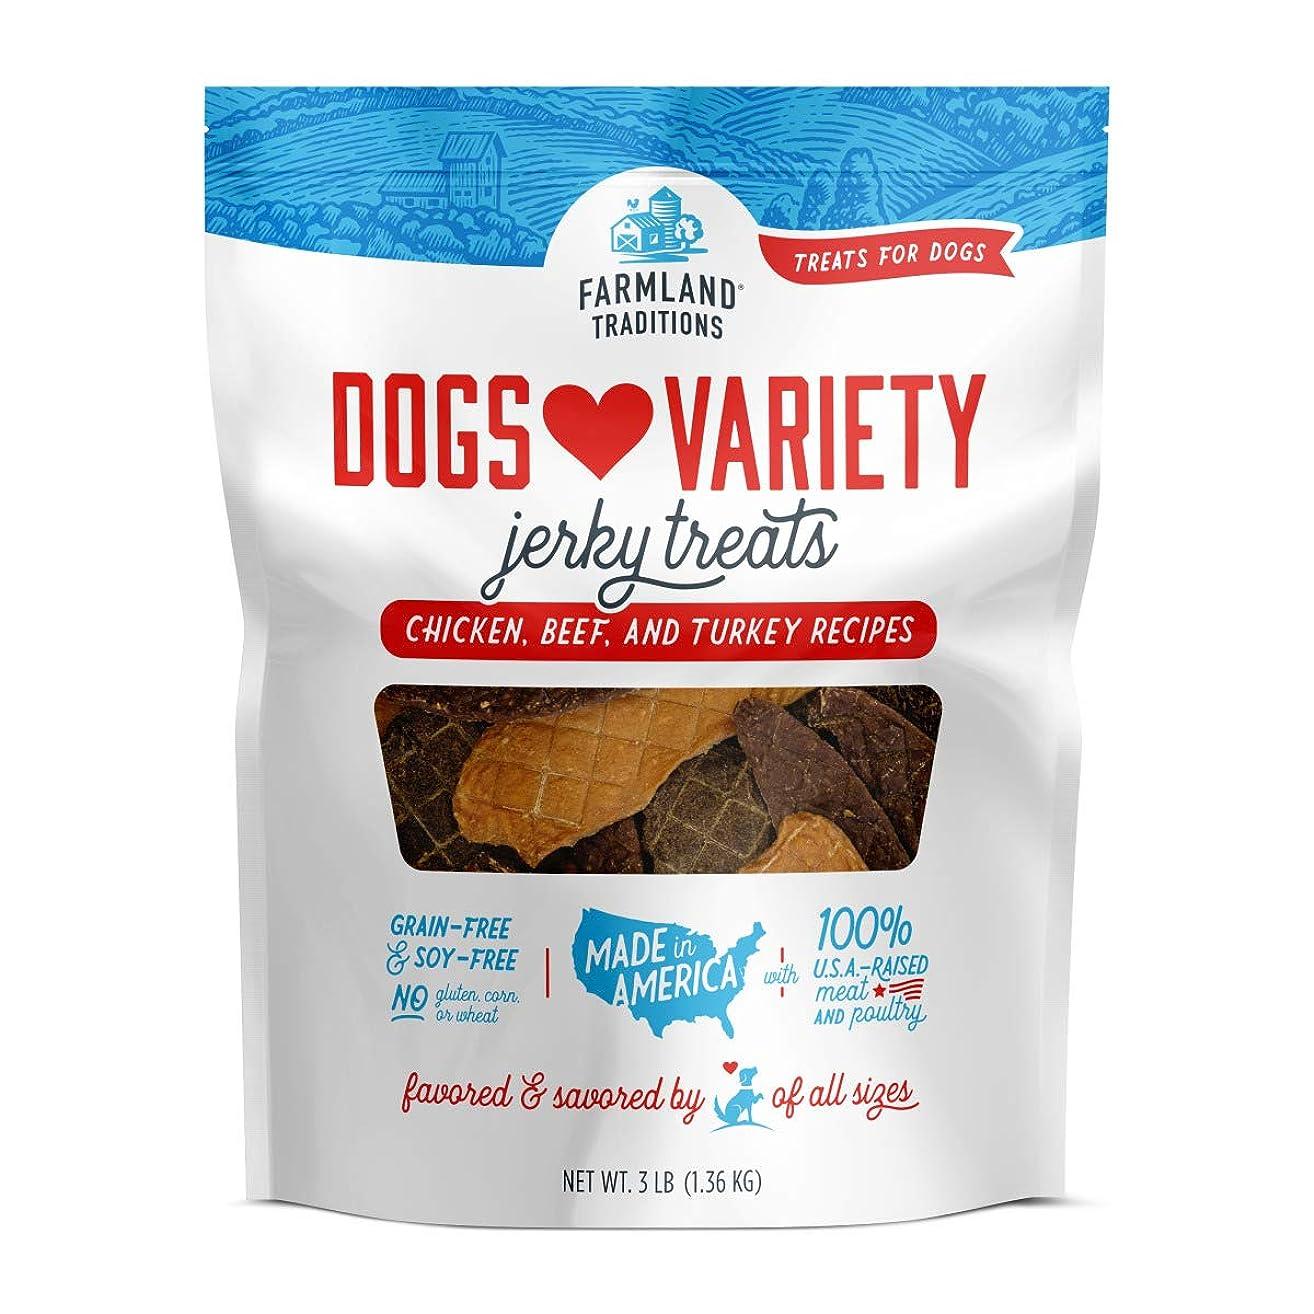 Farmland Traditions USA Made 3 lbs. Dogs Loves Variety Jerky Treats